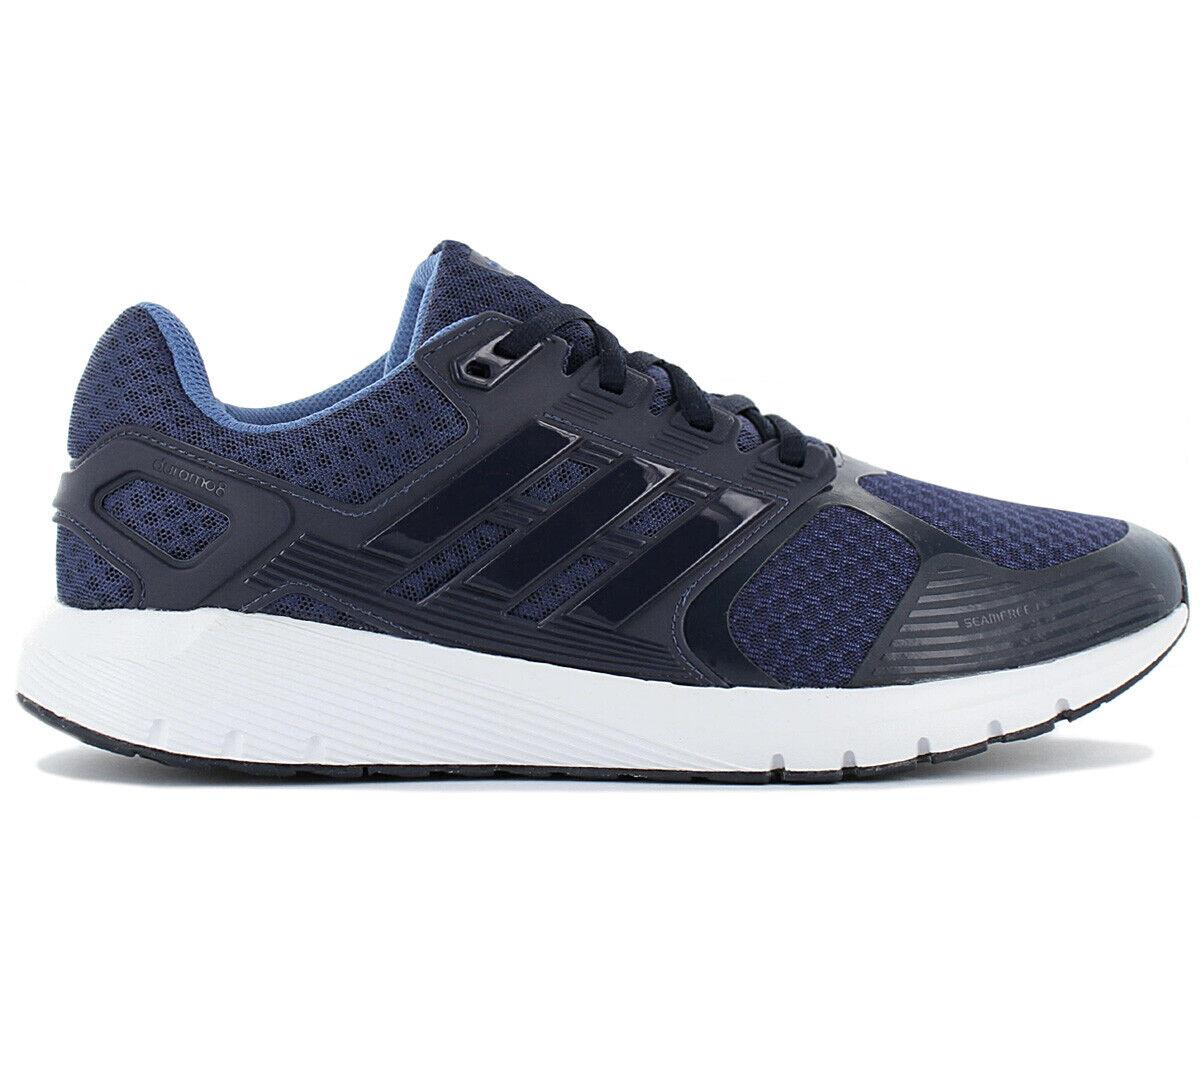 Adidas Duramo 8M Hombre Zapatillas de Correr CP8742 Azul Running Sport Fitness